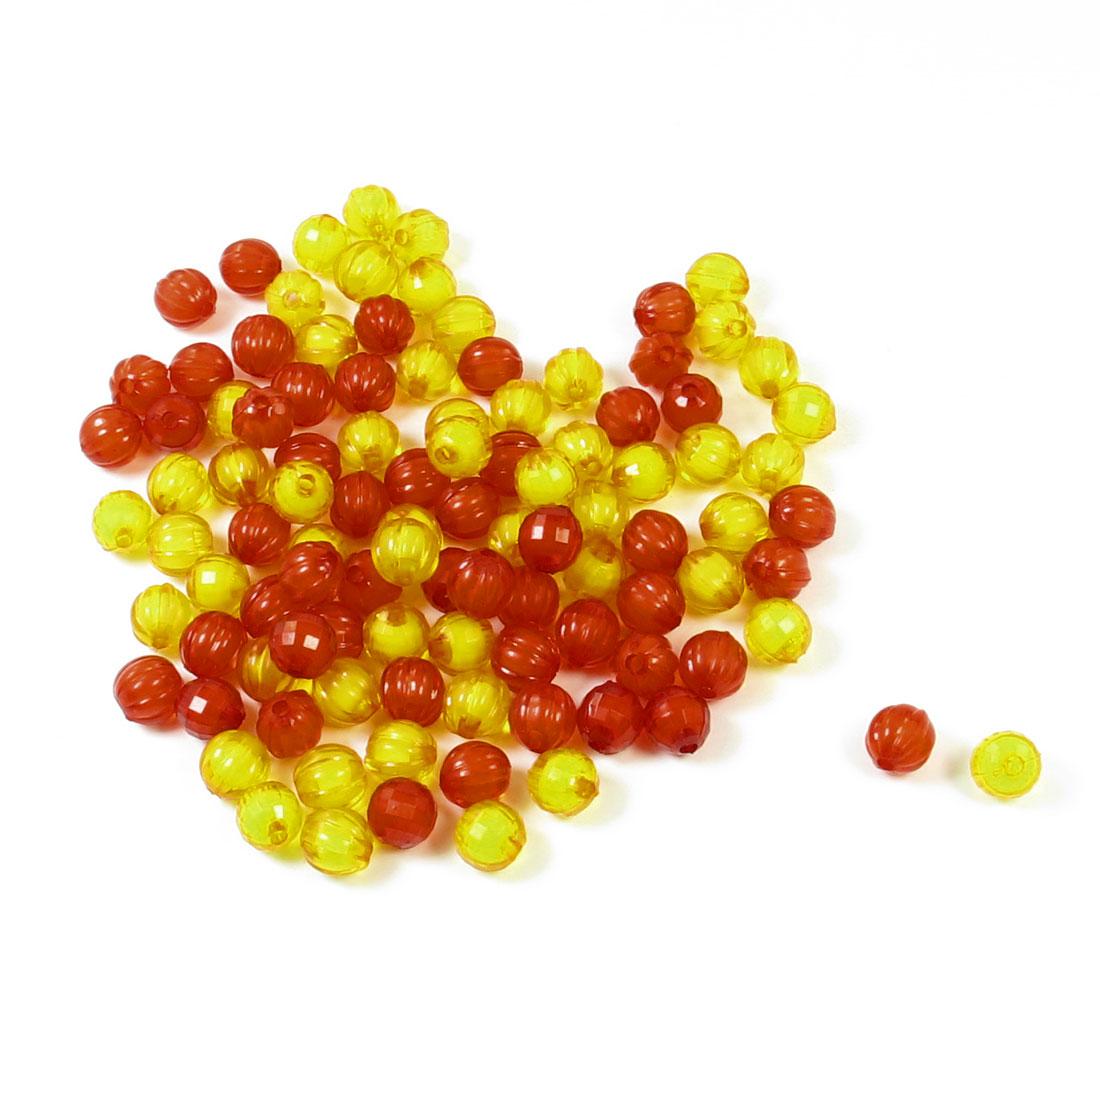 87 Pcs Orange Red Pumpink Shaped Plastic Beads for Craft Bangle Bracelet